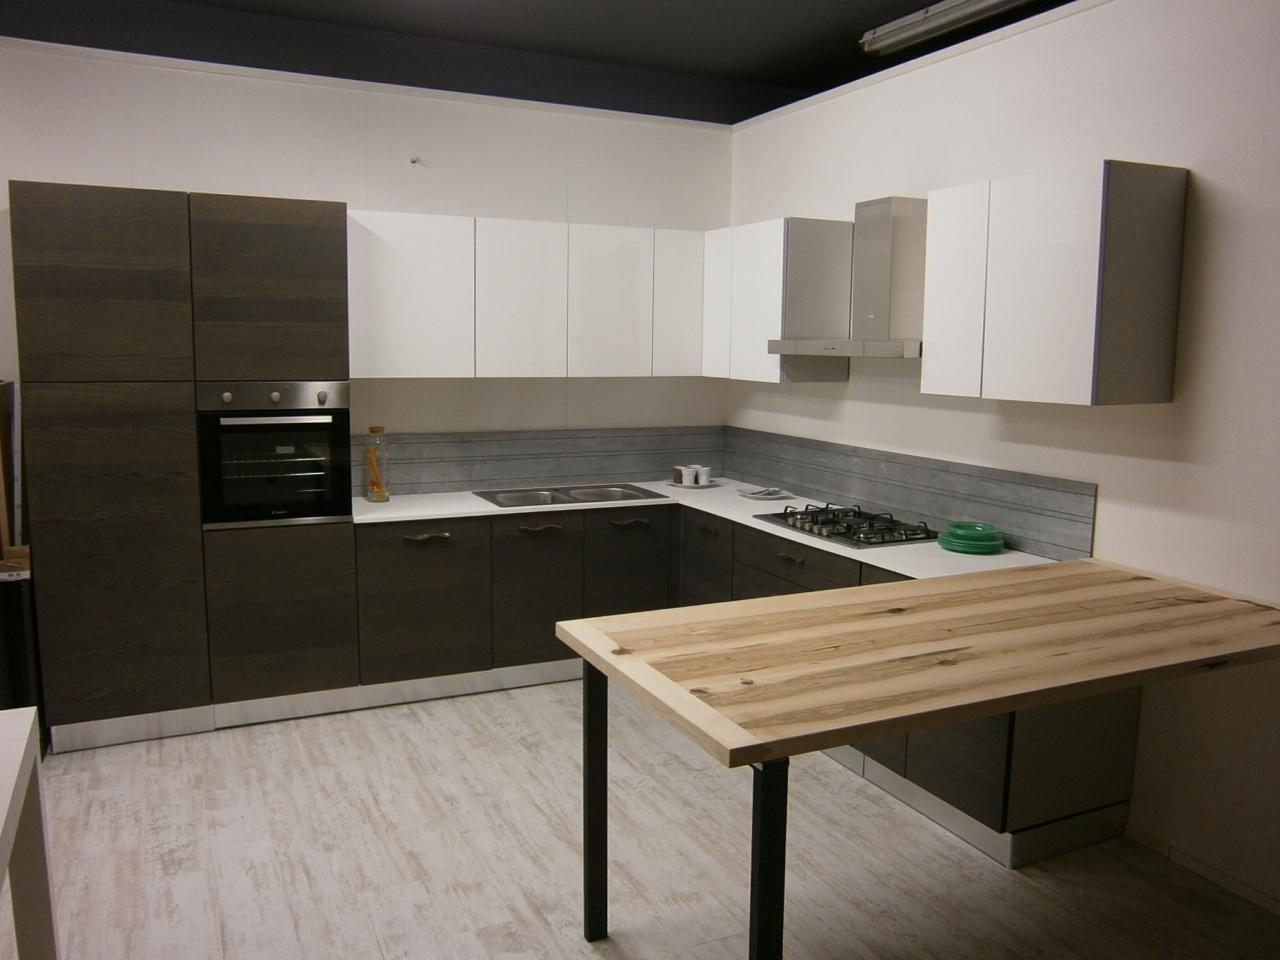 Arrex 2 cucina corallo moderne legno cucine a prezzi - Arrex cucine moderne ...